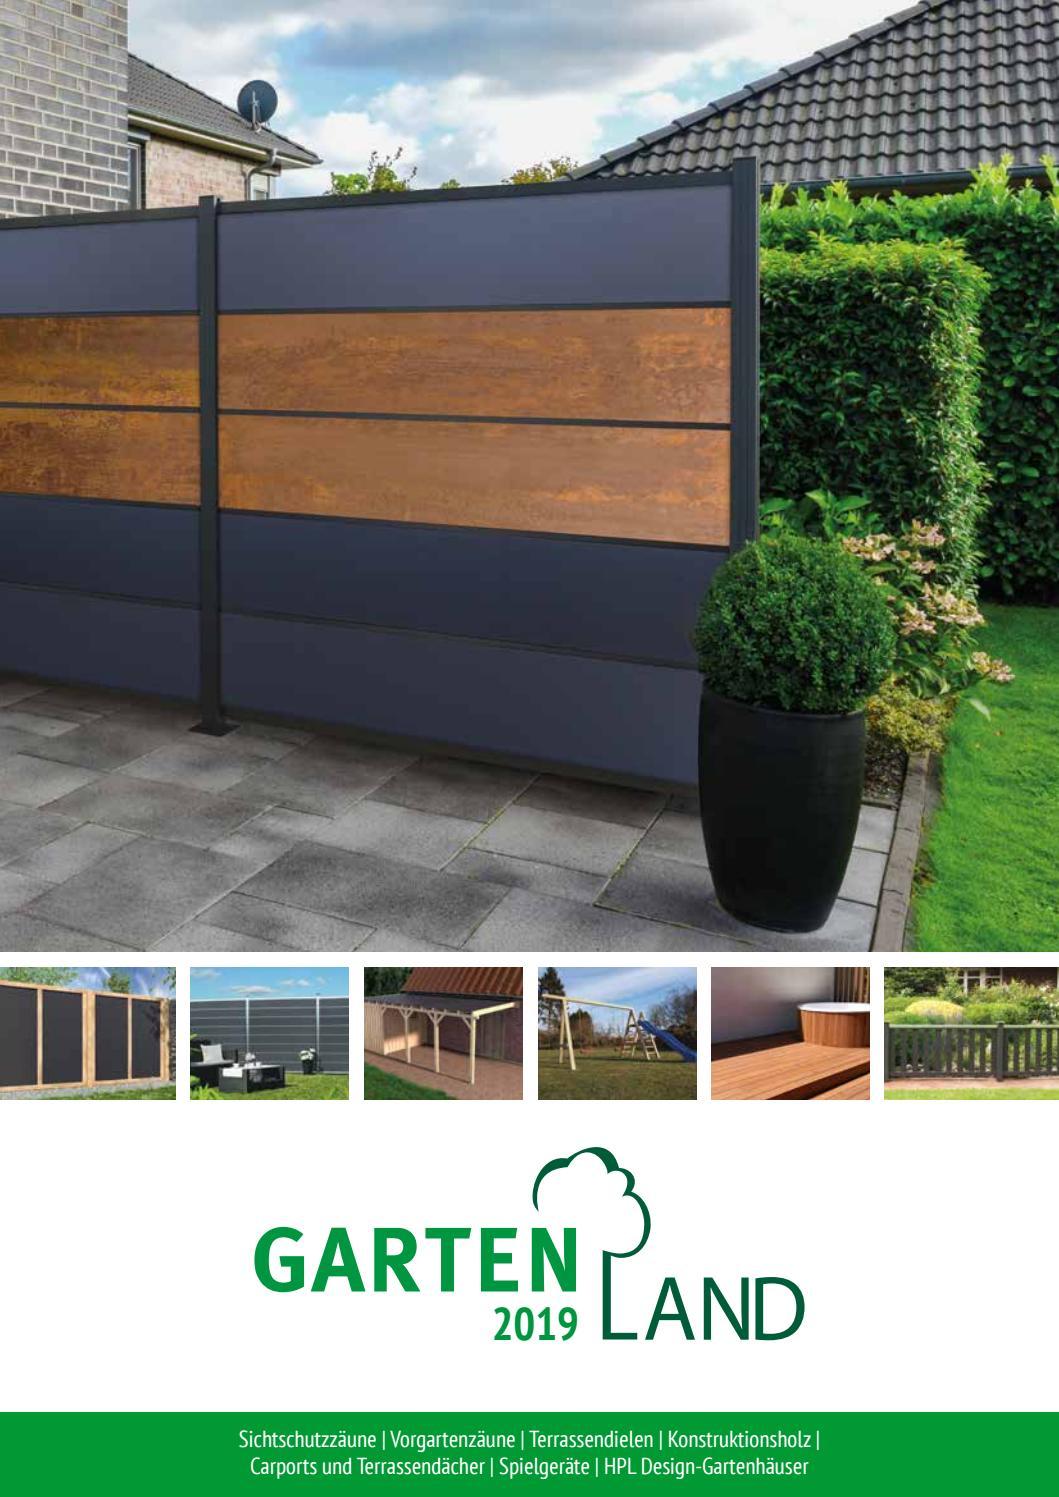 Gartenideen Aus Wpc Und Holz Gartenland 2019 By Gartenland Vogt